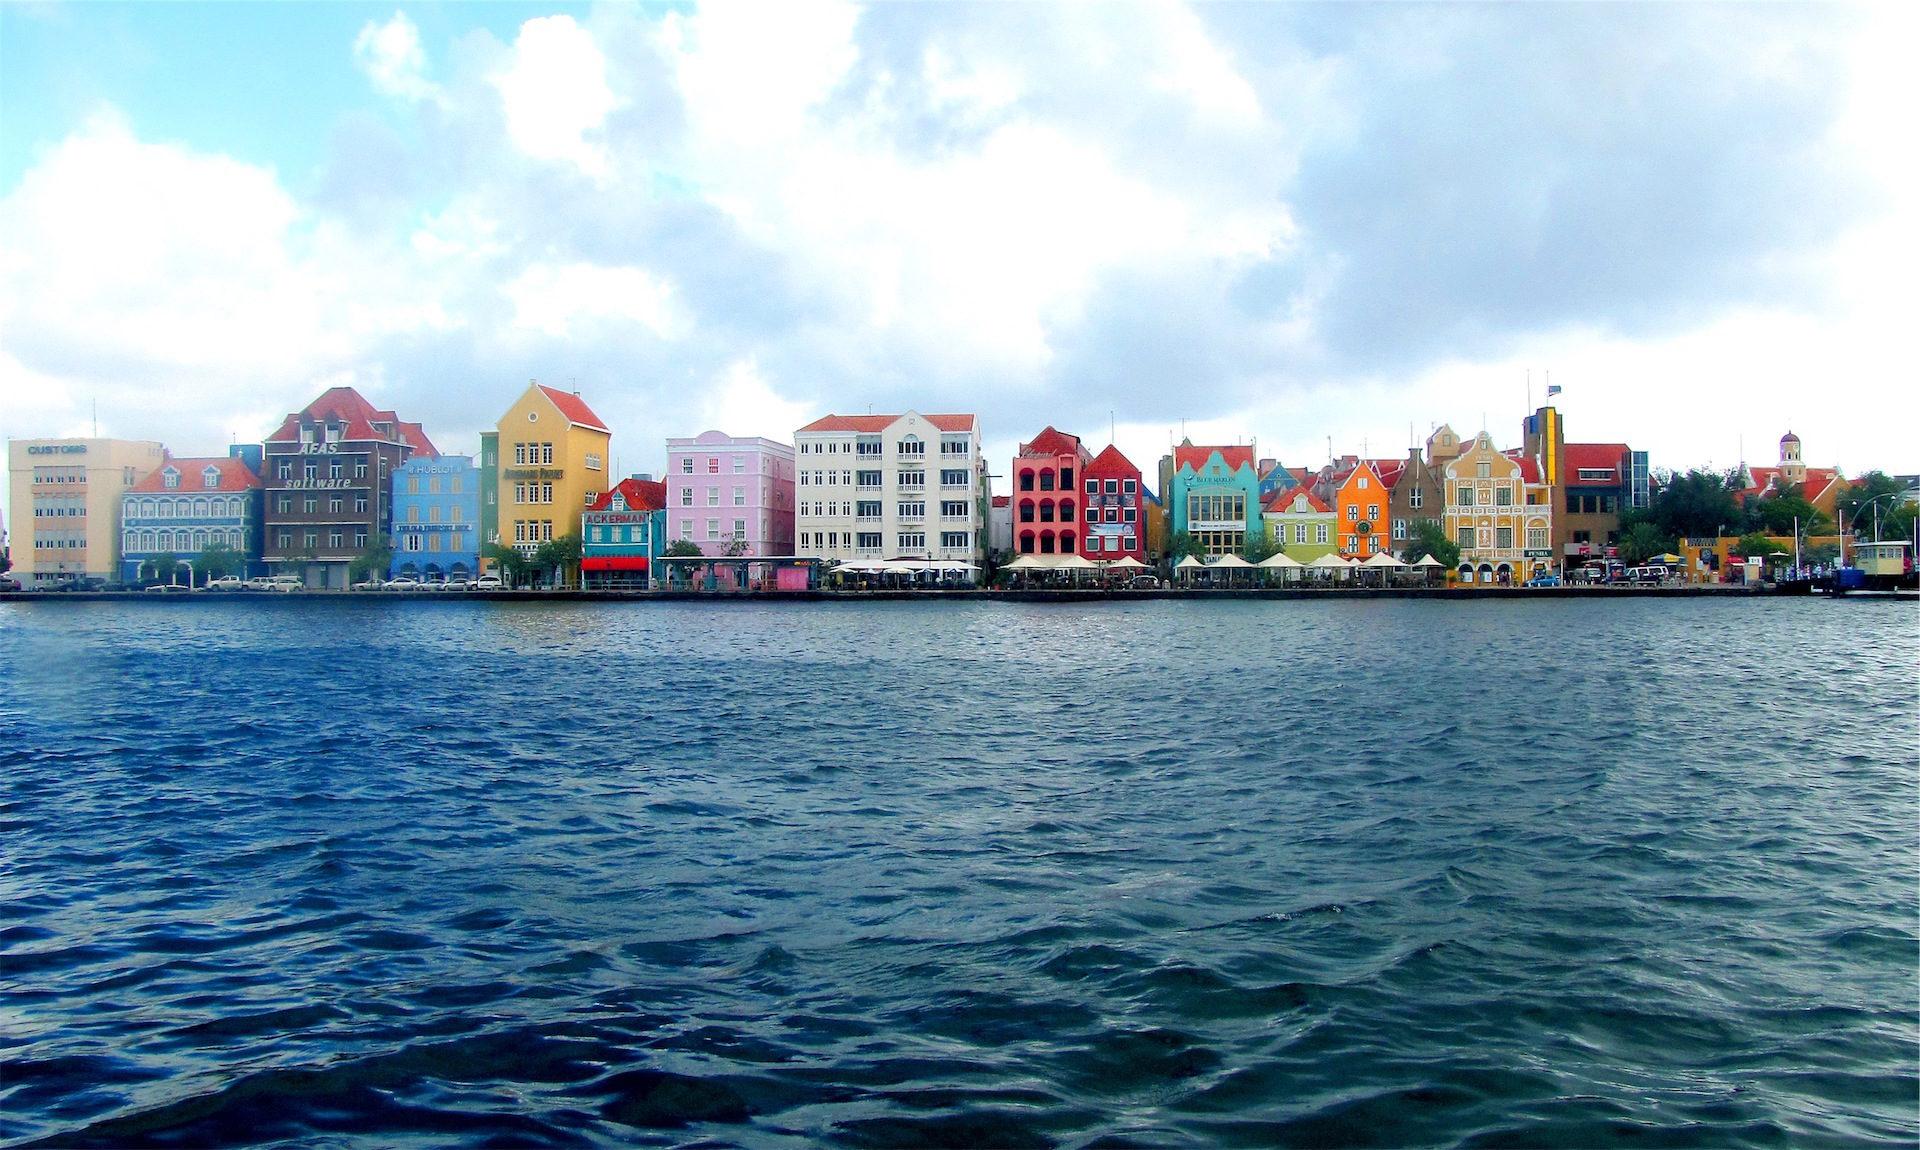 Stadt, Häuser, Farben, Wasser, Himmel - Wallpaper HD - Prof.-falken.com